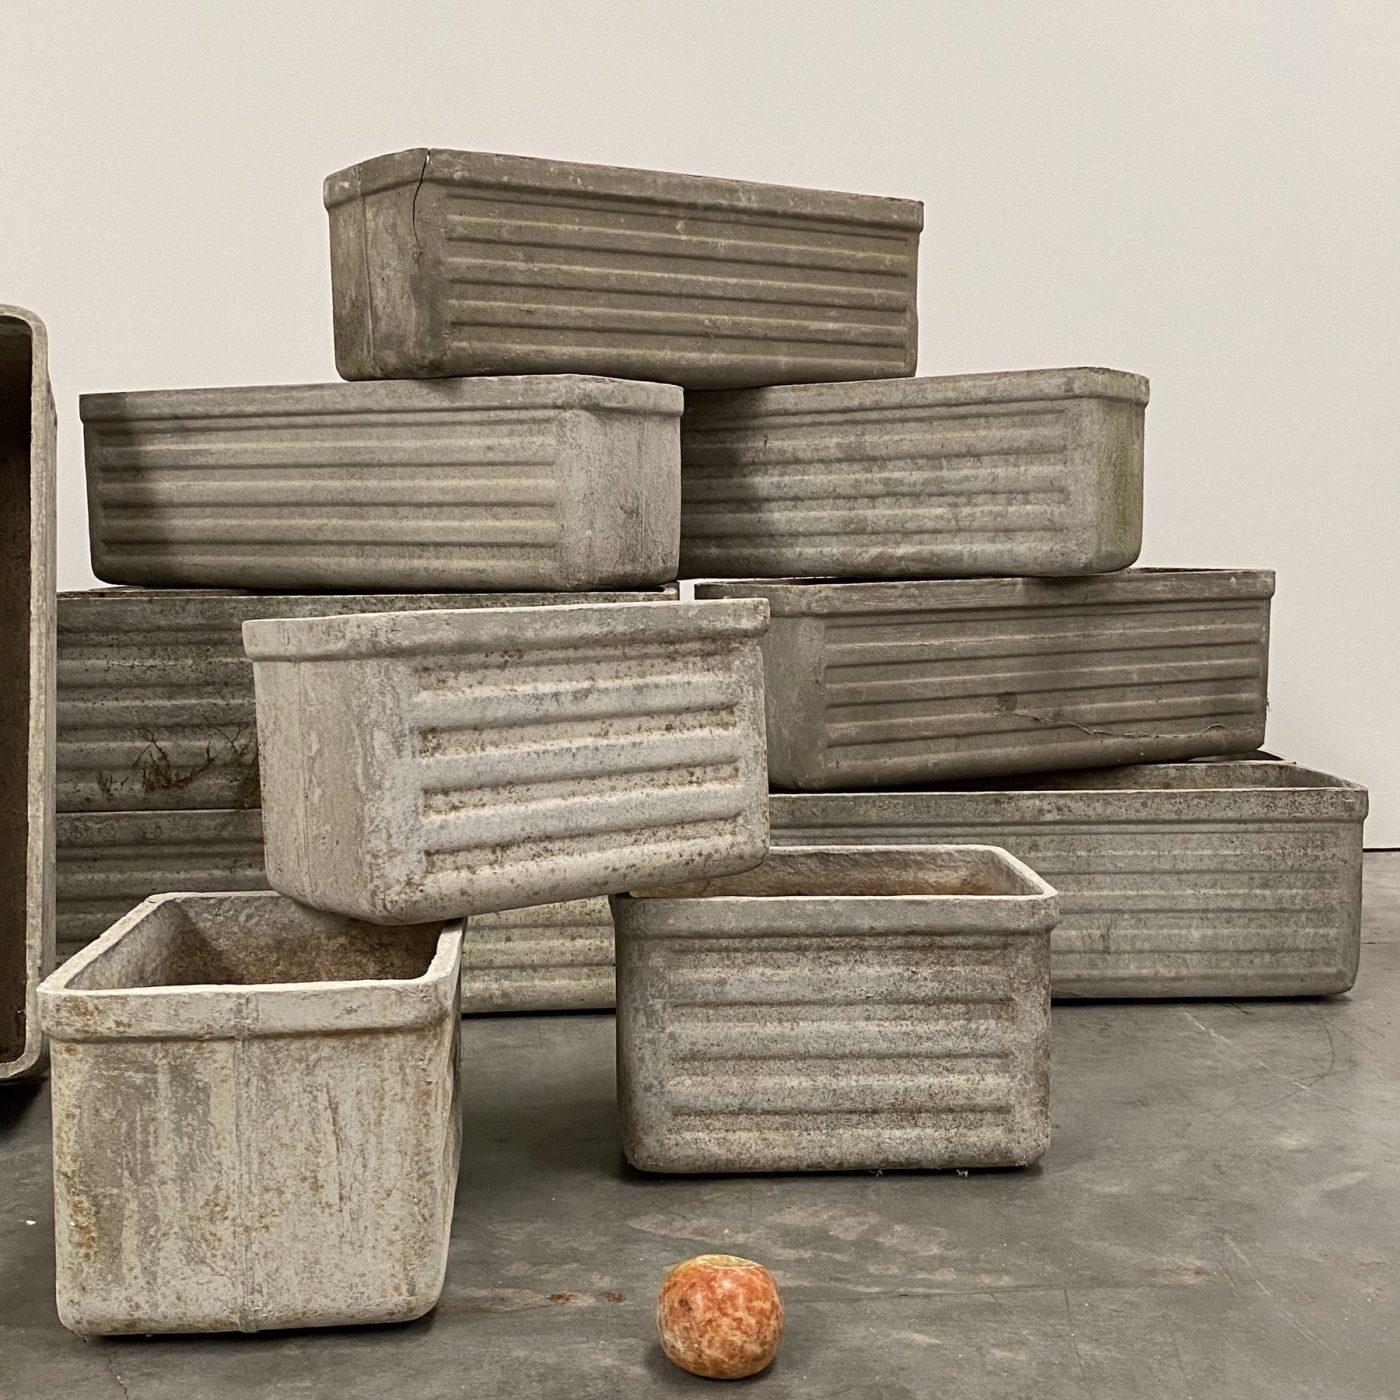 objet-vagabond-concrete-planters0002